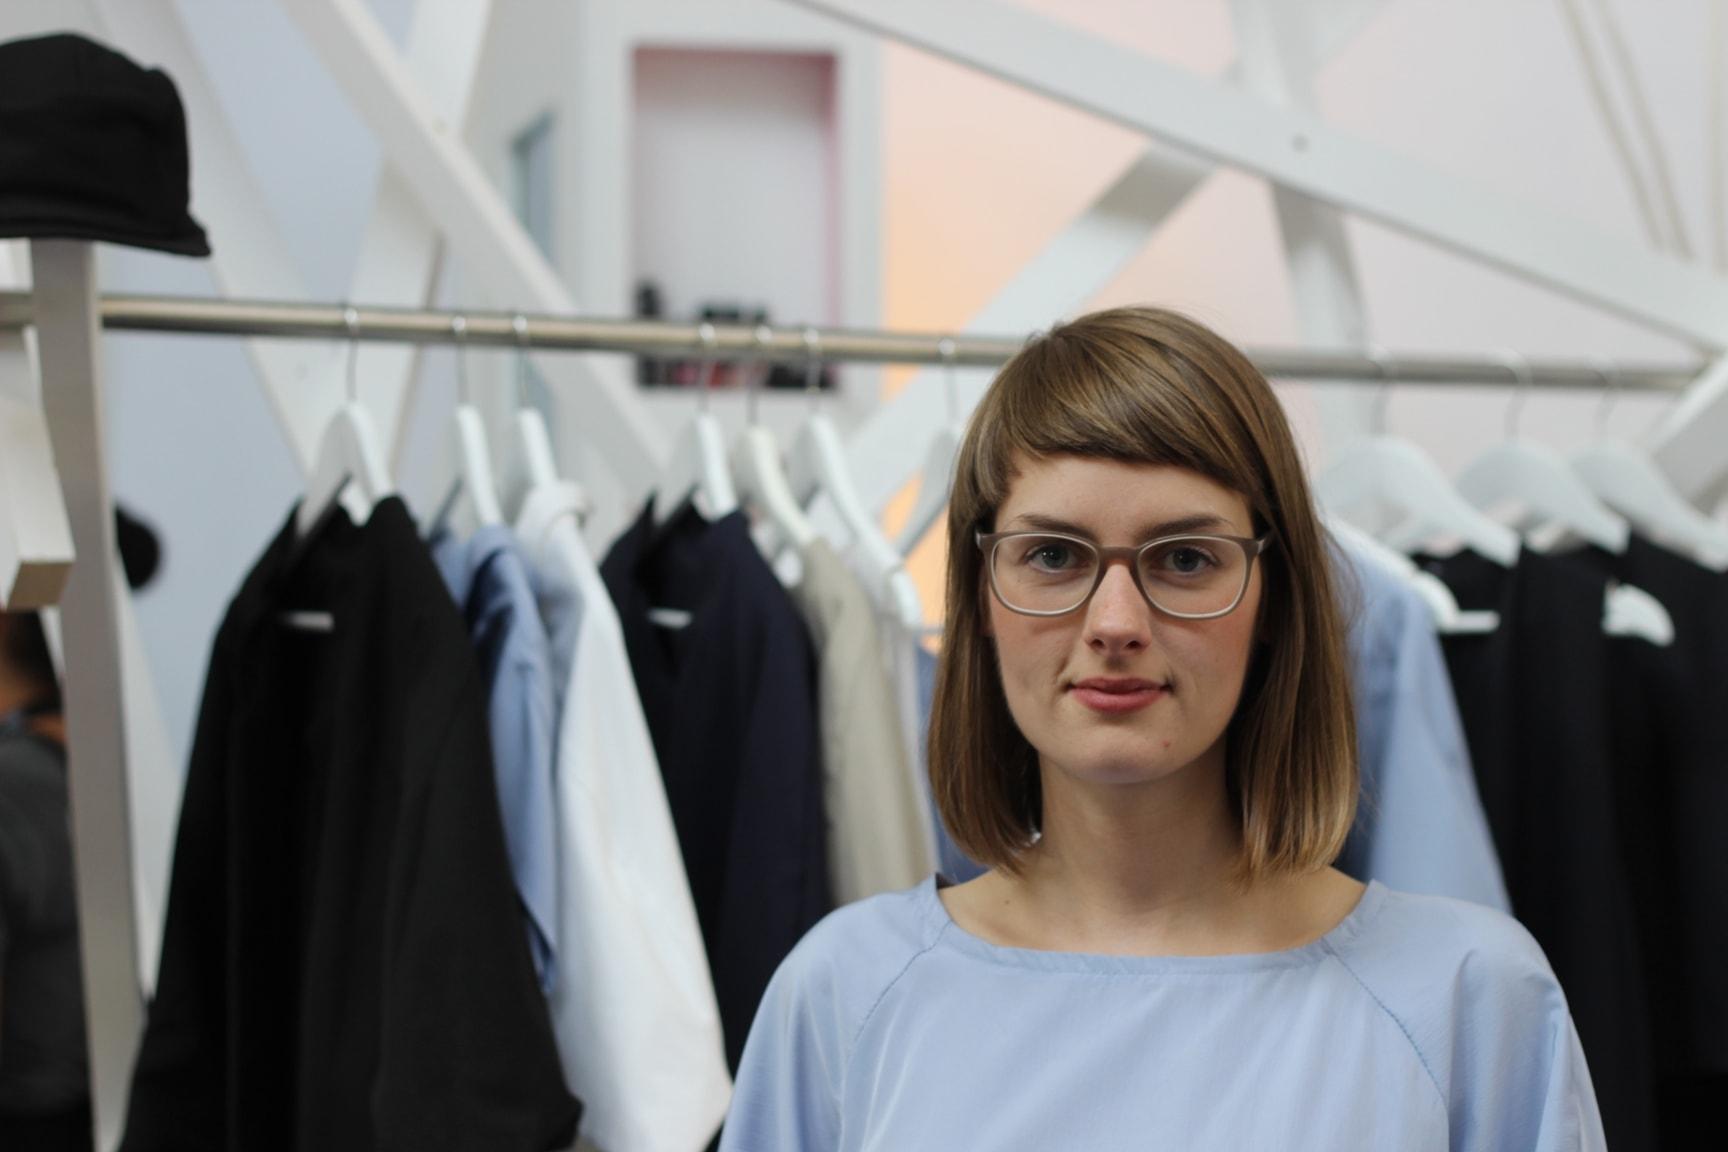 687683ee8f1d Slow Fashion – när modebranschen synar sig själv 30 augusti 2016 kl 07.00 -  Kulturreportaget i P1 | Sveriges Radio